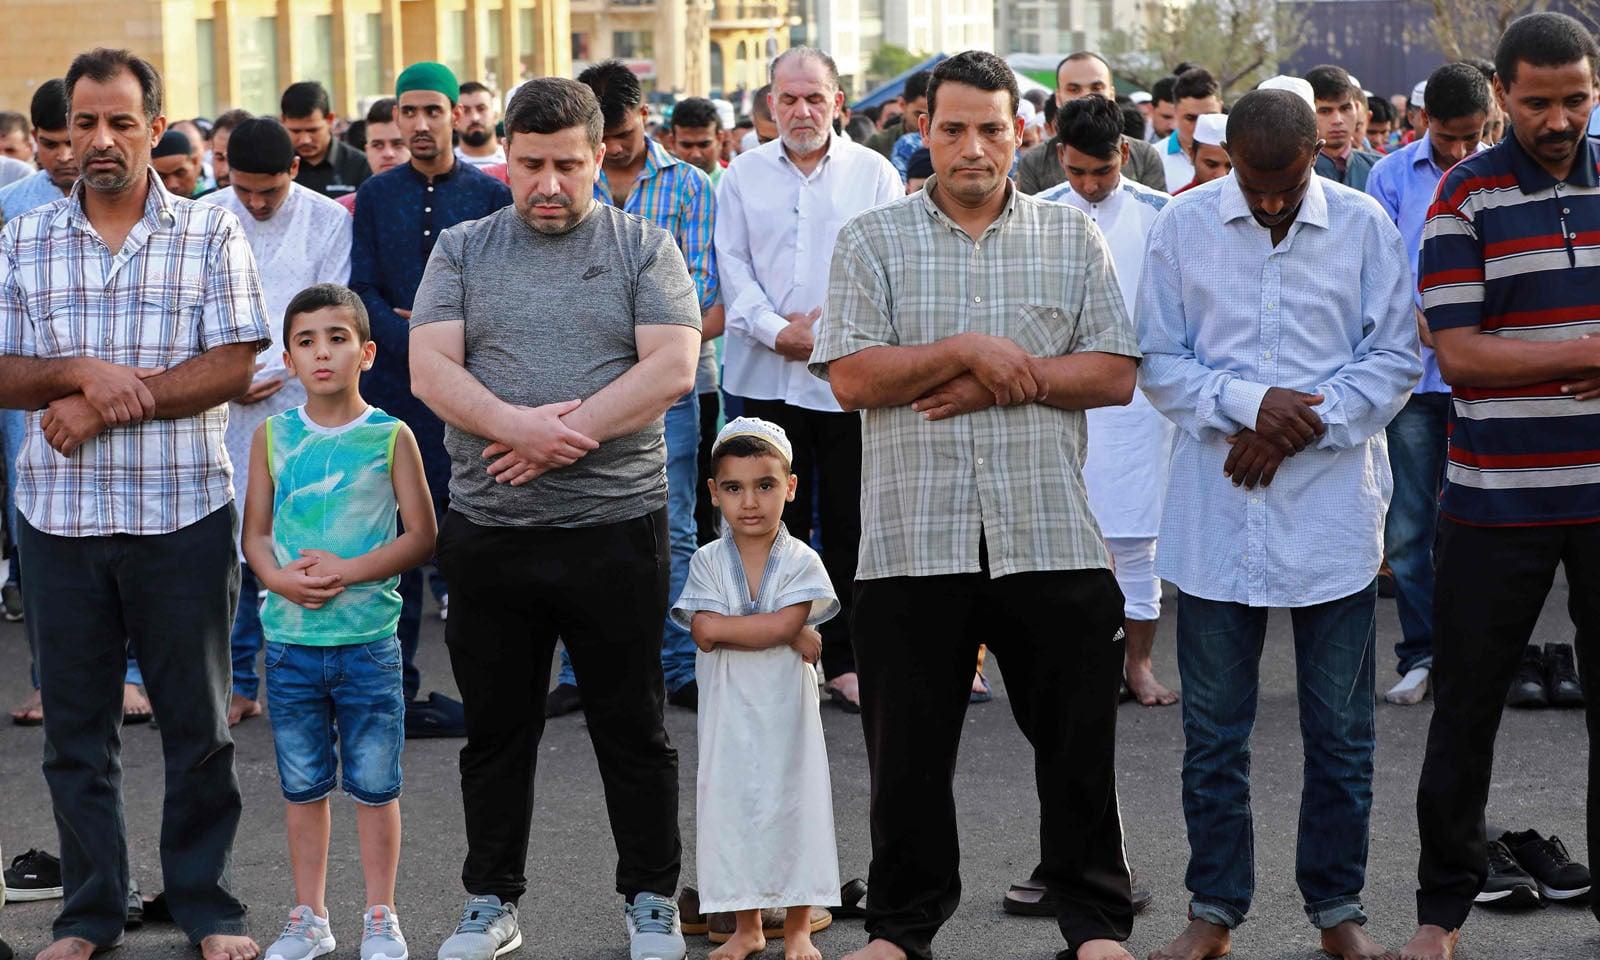 لبنان میں امت مسلمہ نے نماز عید ادا کی —فوٹو/اے ایف پی